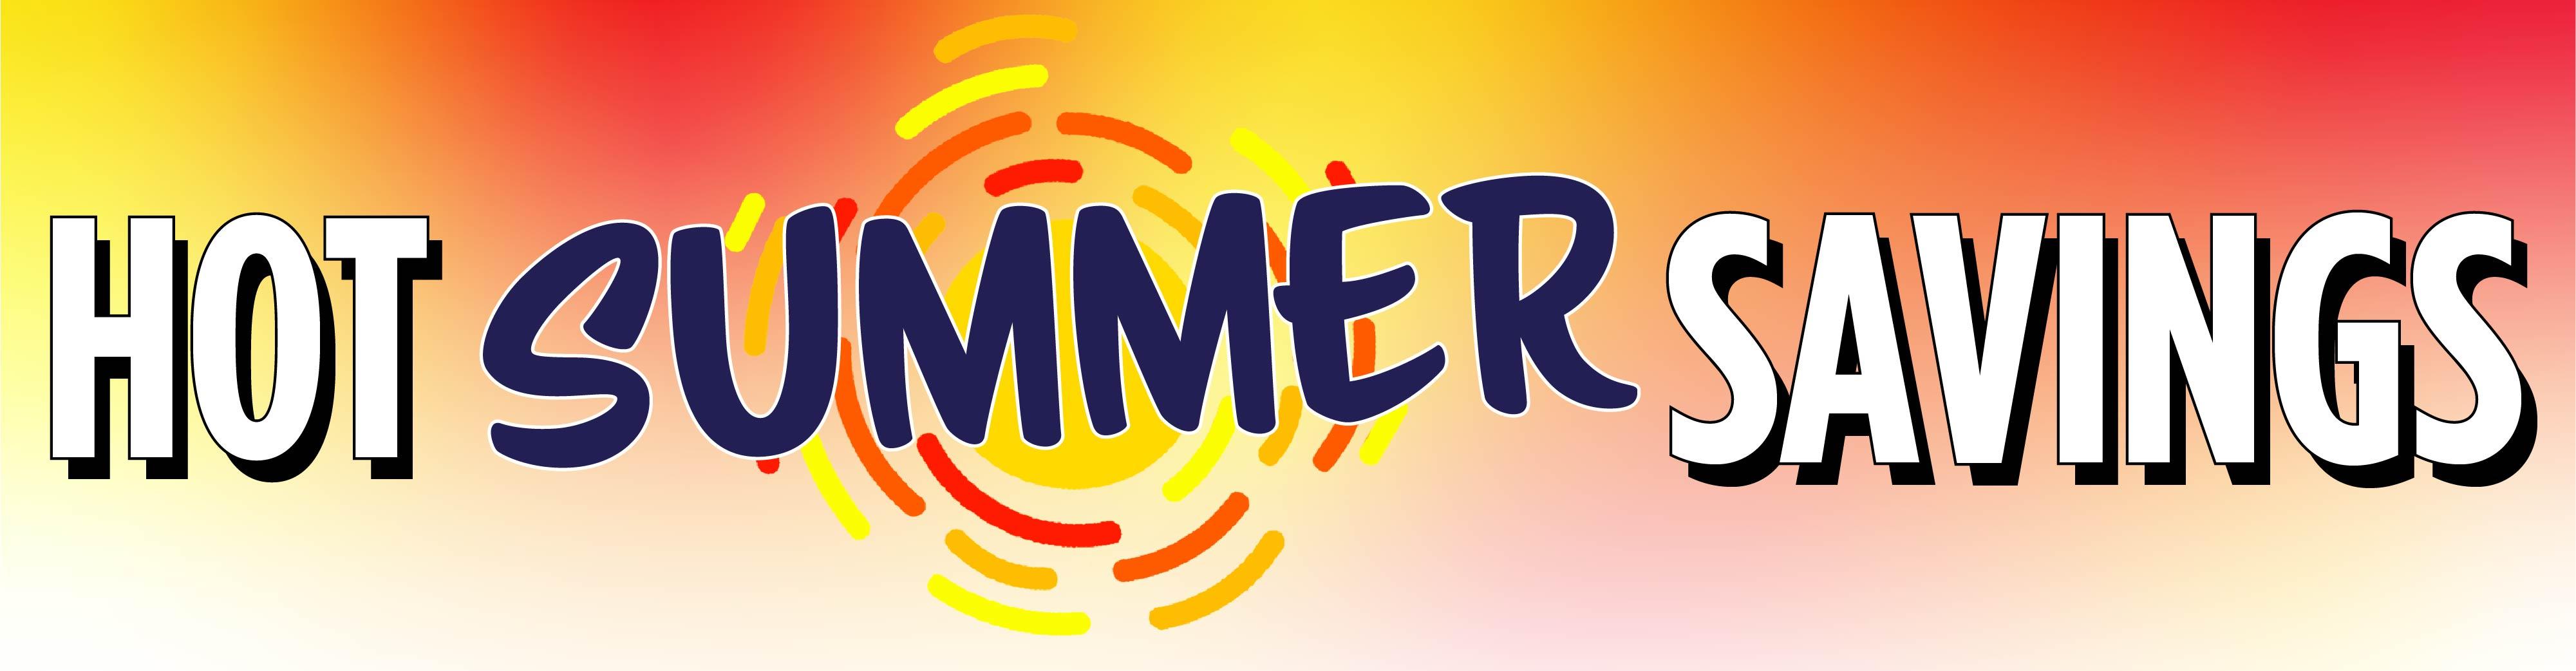 Hot Summer Savings!